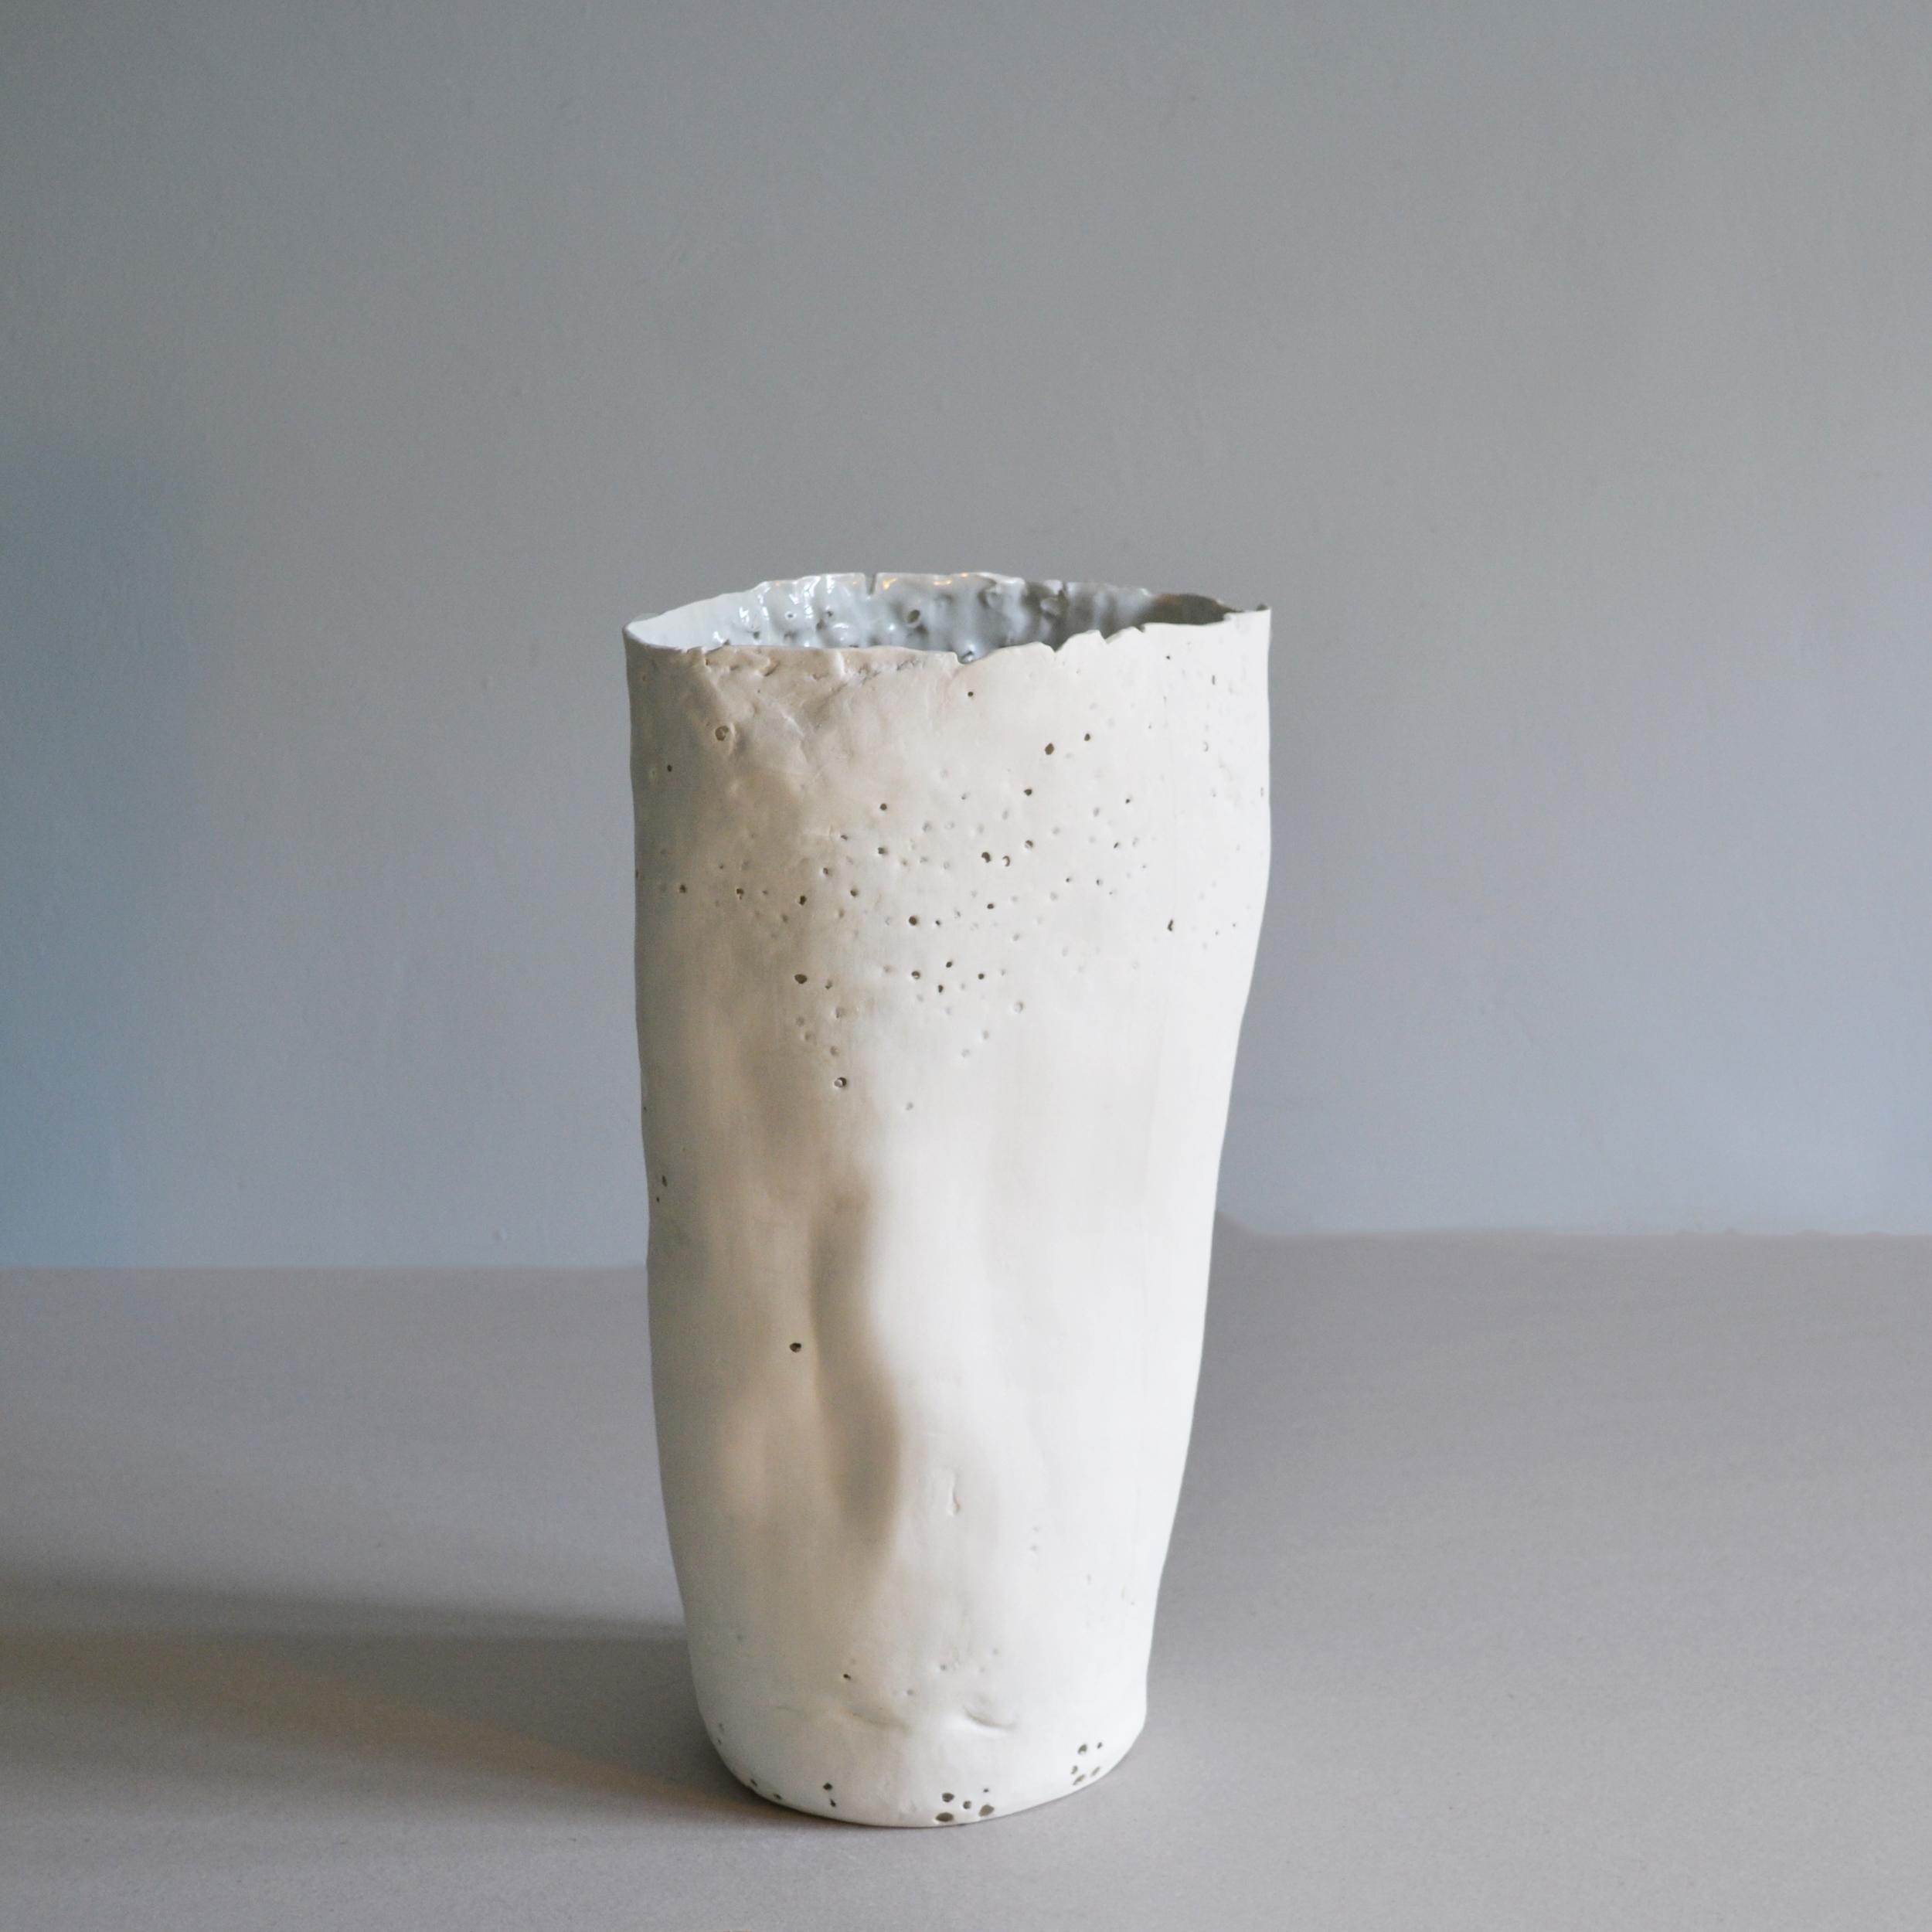 Daniel van Dijck - Fragility of Things Vase